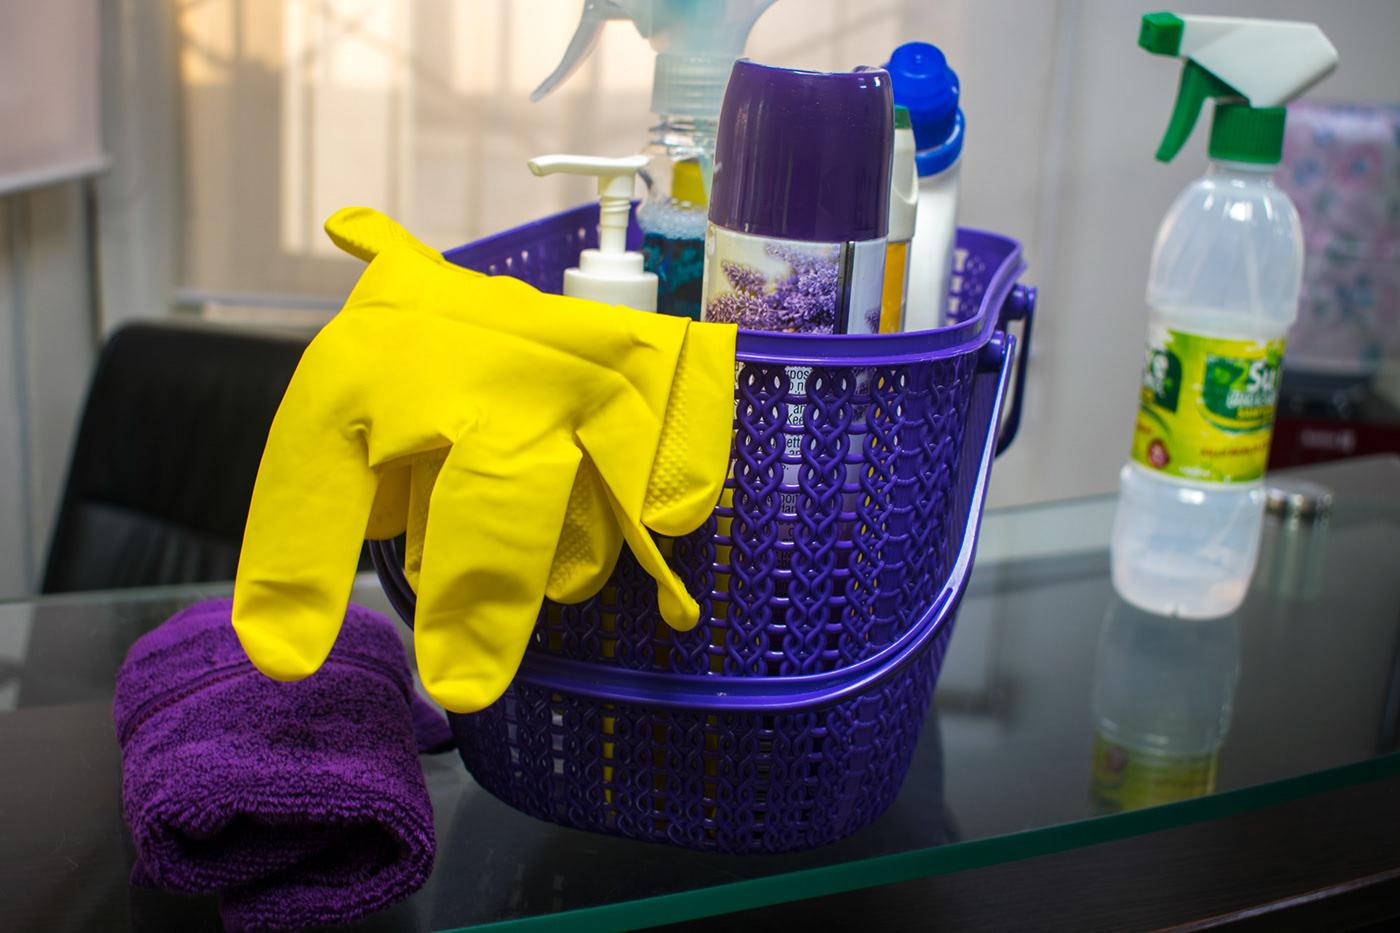 Комплексне прибирання – якісний клінінг від компанії з прибирання квартир, будинків офісів, котеджів у Вінниці – Cleaning Group. Послуга, яка підходить Вам, Вашій майну і бізнесу.